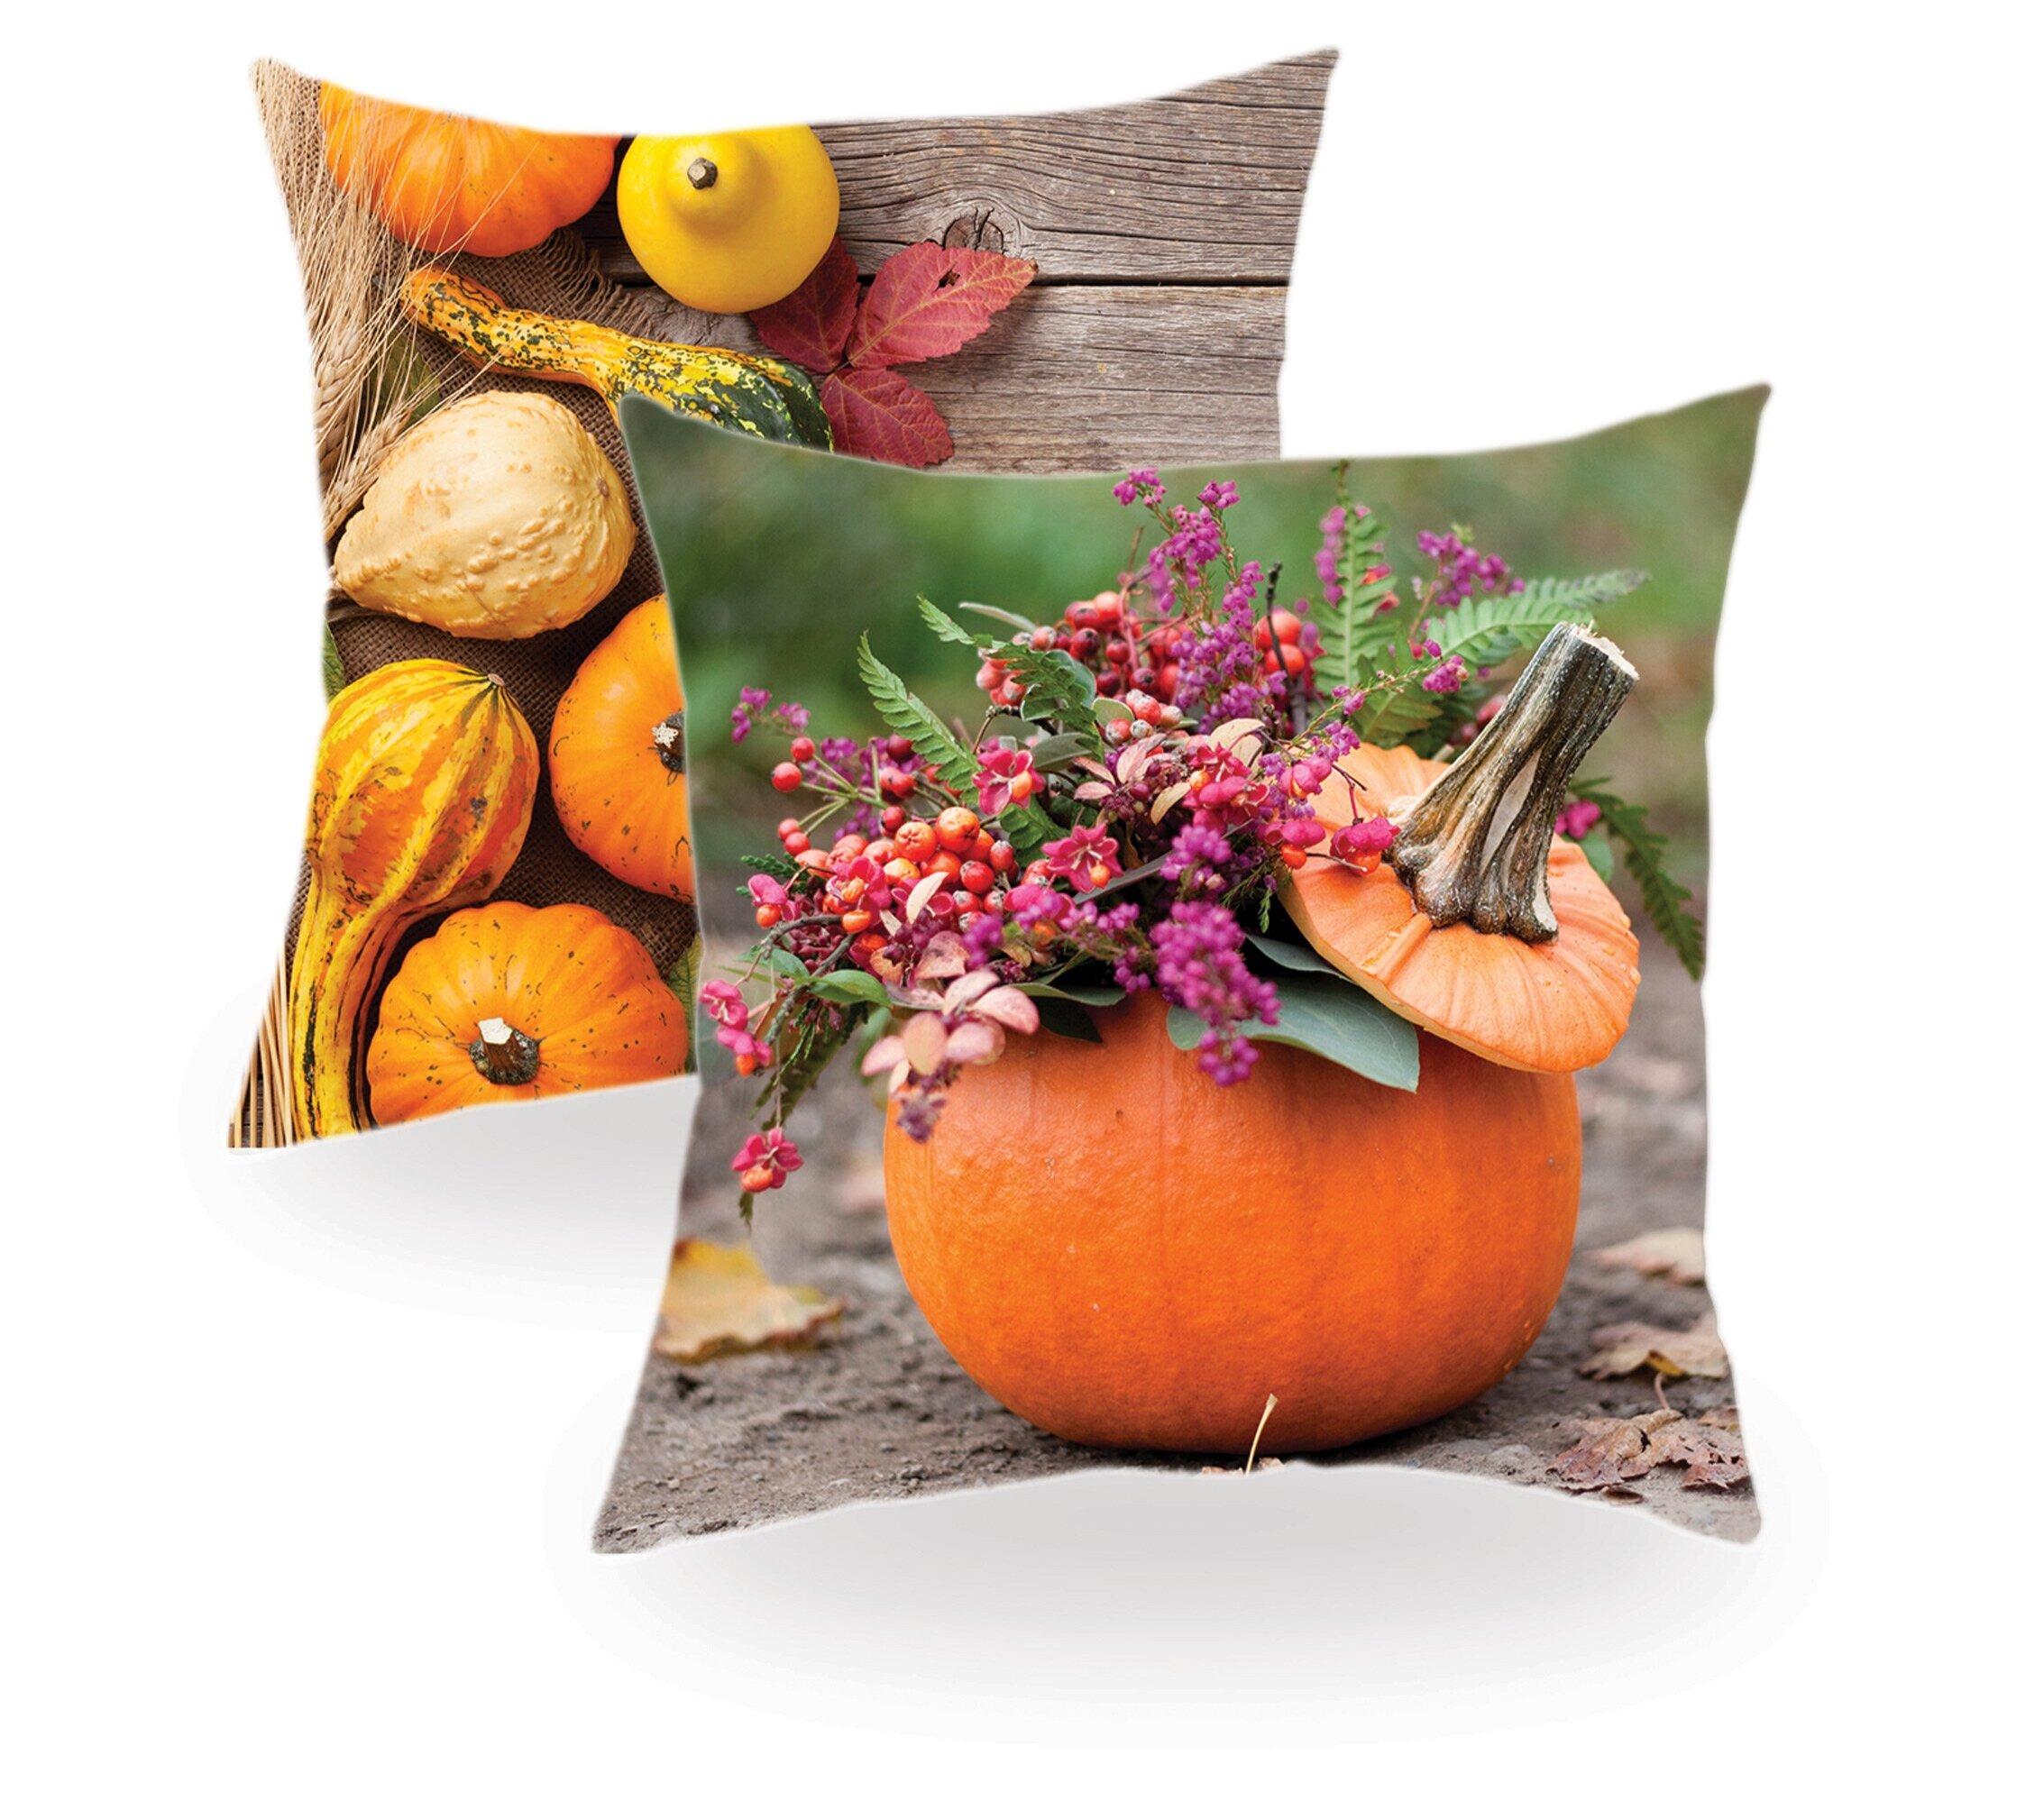 Leuchtendes Kürbis-Orange begrüßt den goldenen Herbst und bringt Farbe in trübe Regentage!